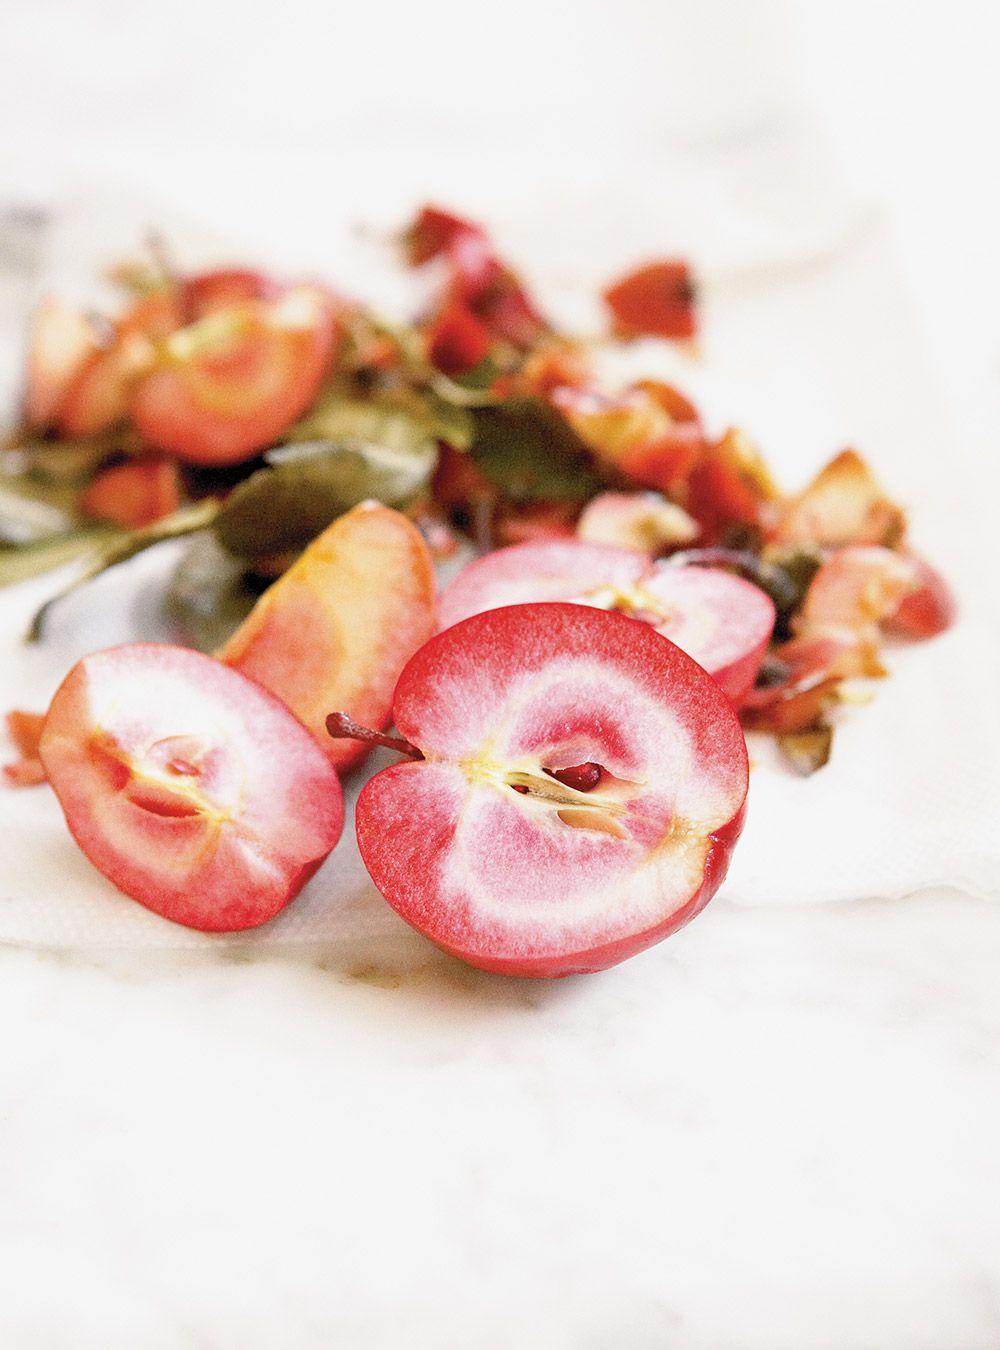 Confiture De Rhubarbe Et Pommes : confiture, rhubarbe, pommes, Confiture, Rhubarbe, Pommes, Ricardo, Recipe, Rhubarb,, Apple, Recipes